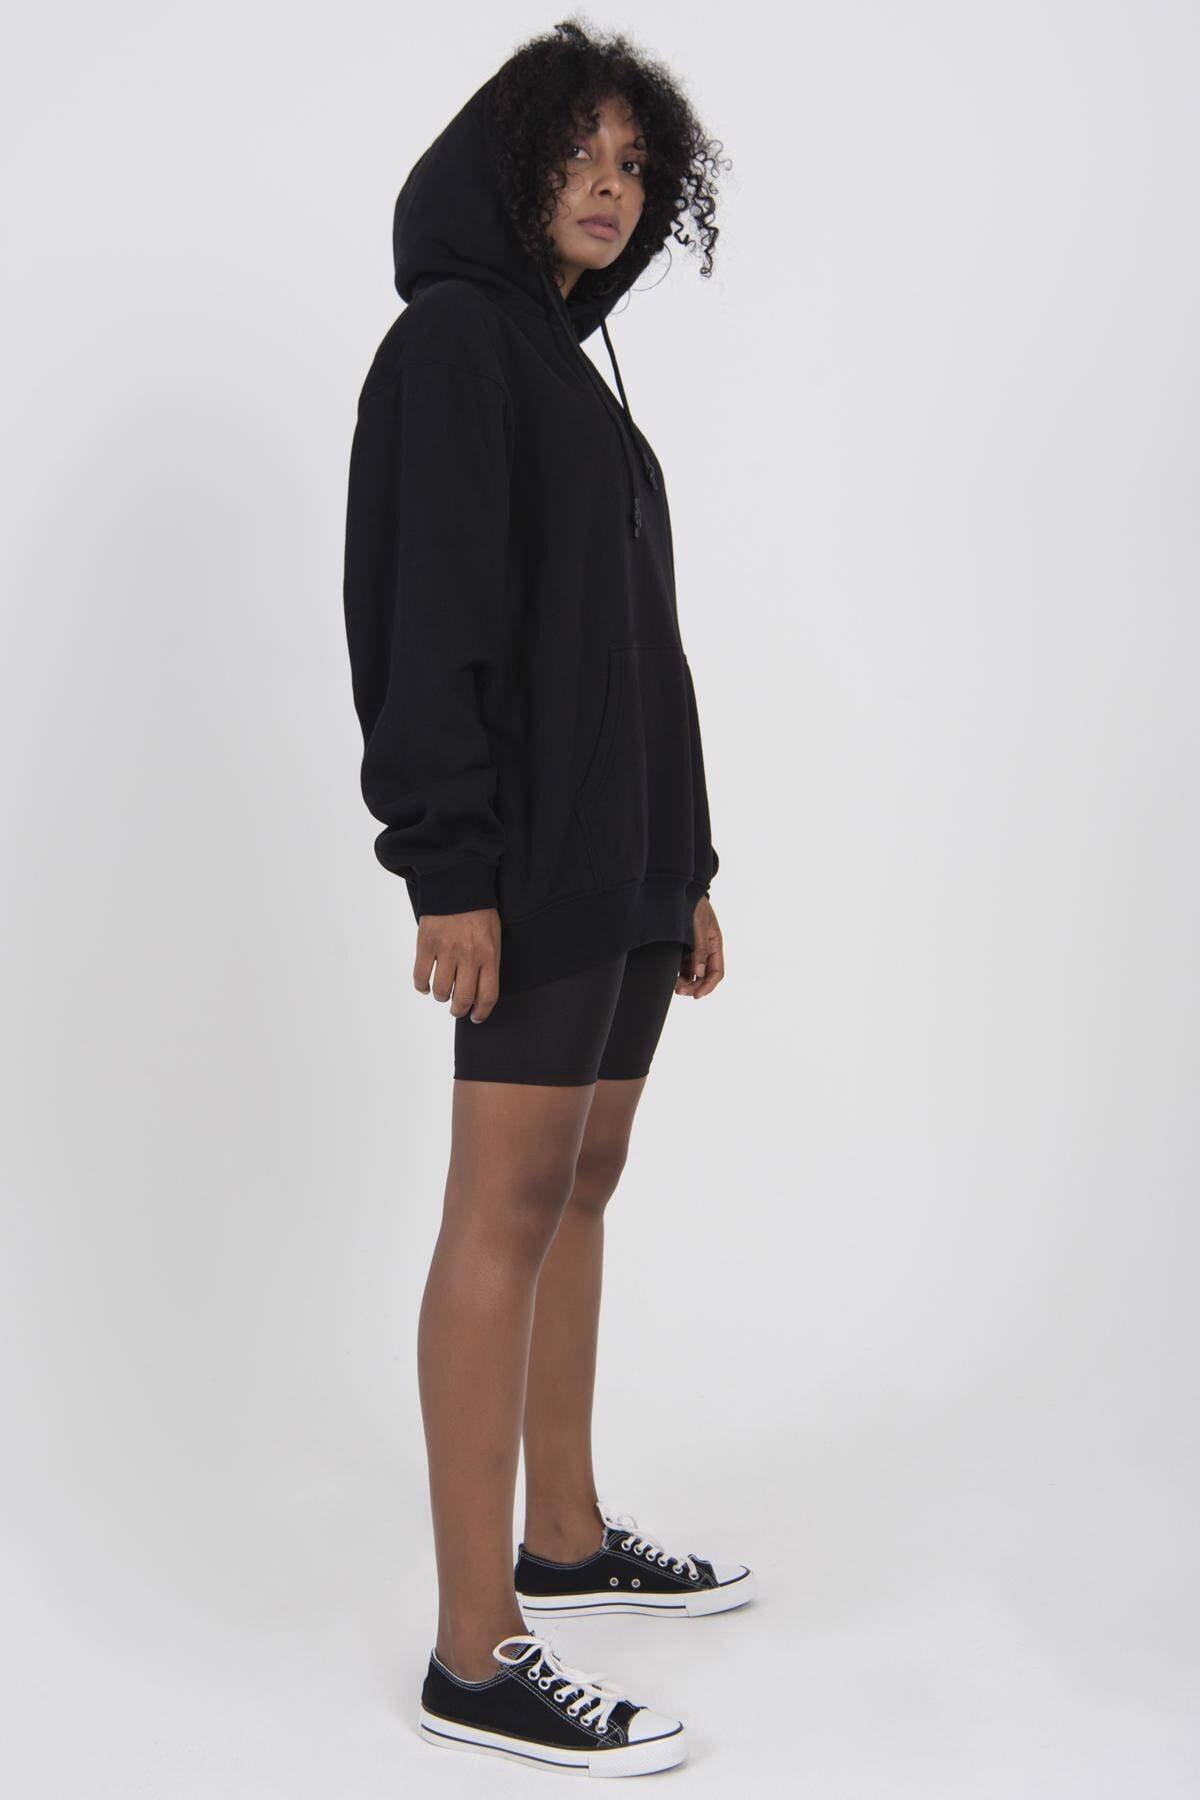 Addax Kadın Siyah Kapşonlu Oversize Sweat S0925 - G11 ADX-0000022256